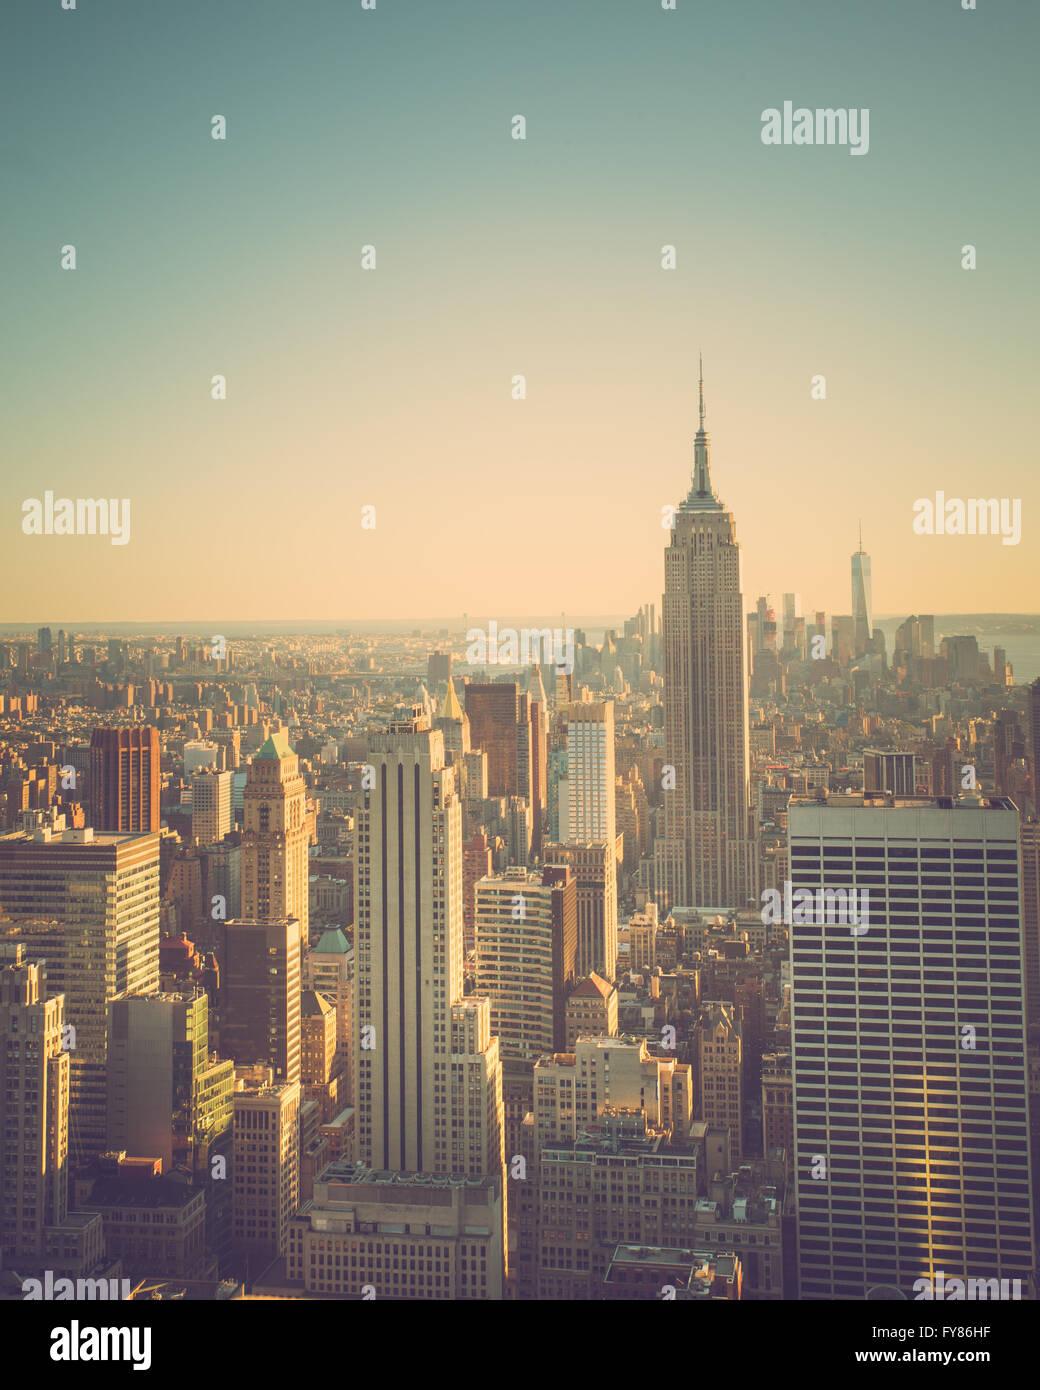 Vistas a la ciudad de Nueva York, en midtown Manhattan al atardecer con tono vintage y Empire State Building. Imagen De Stock